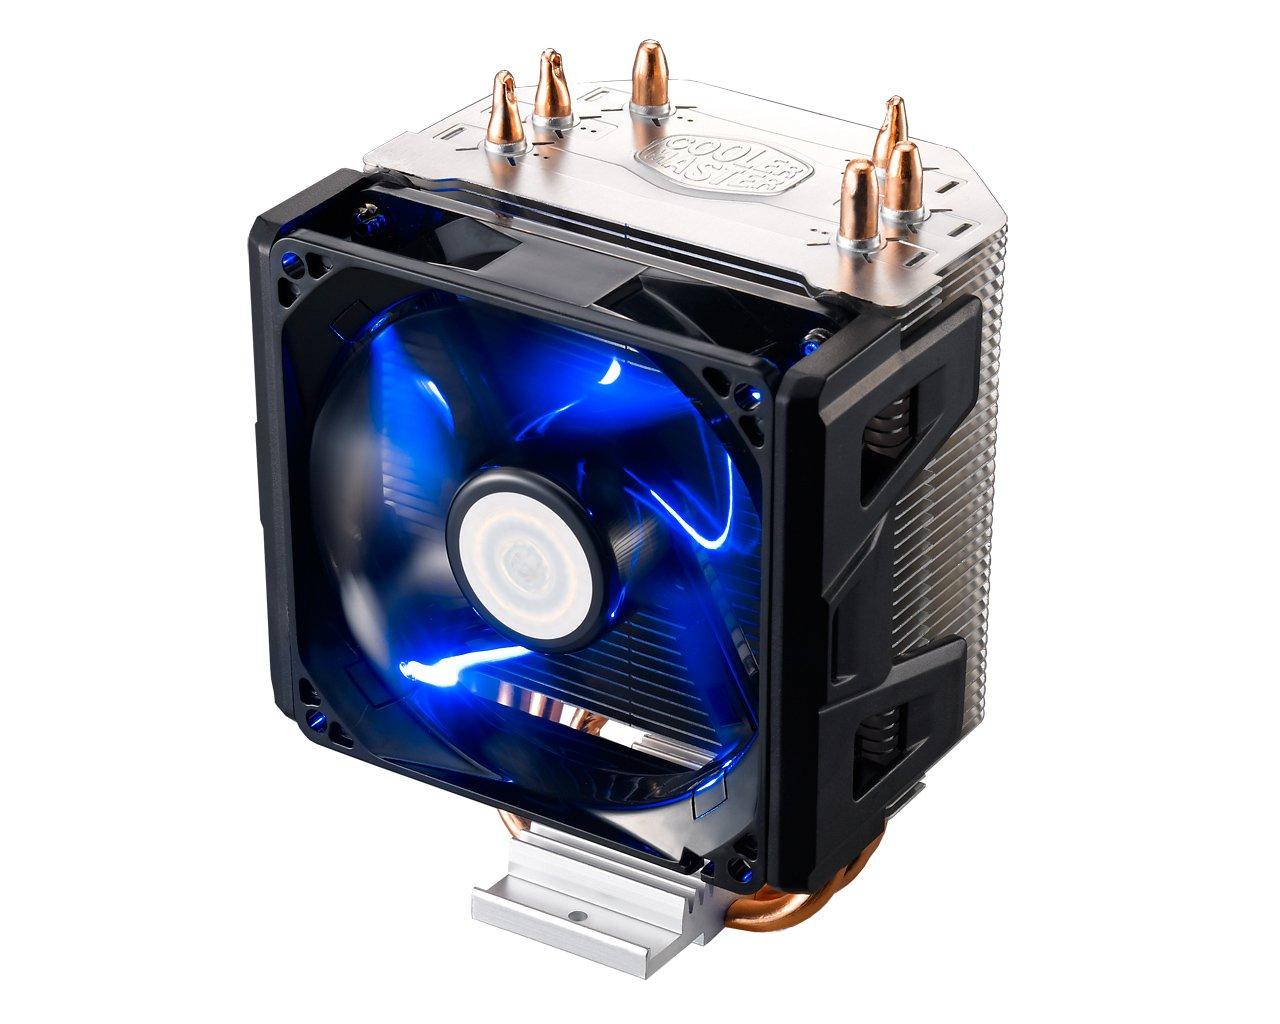 Cooler Master Hyper 103 CPU Air Cooler